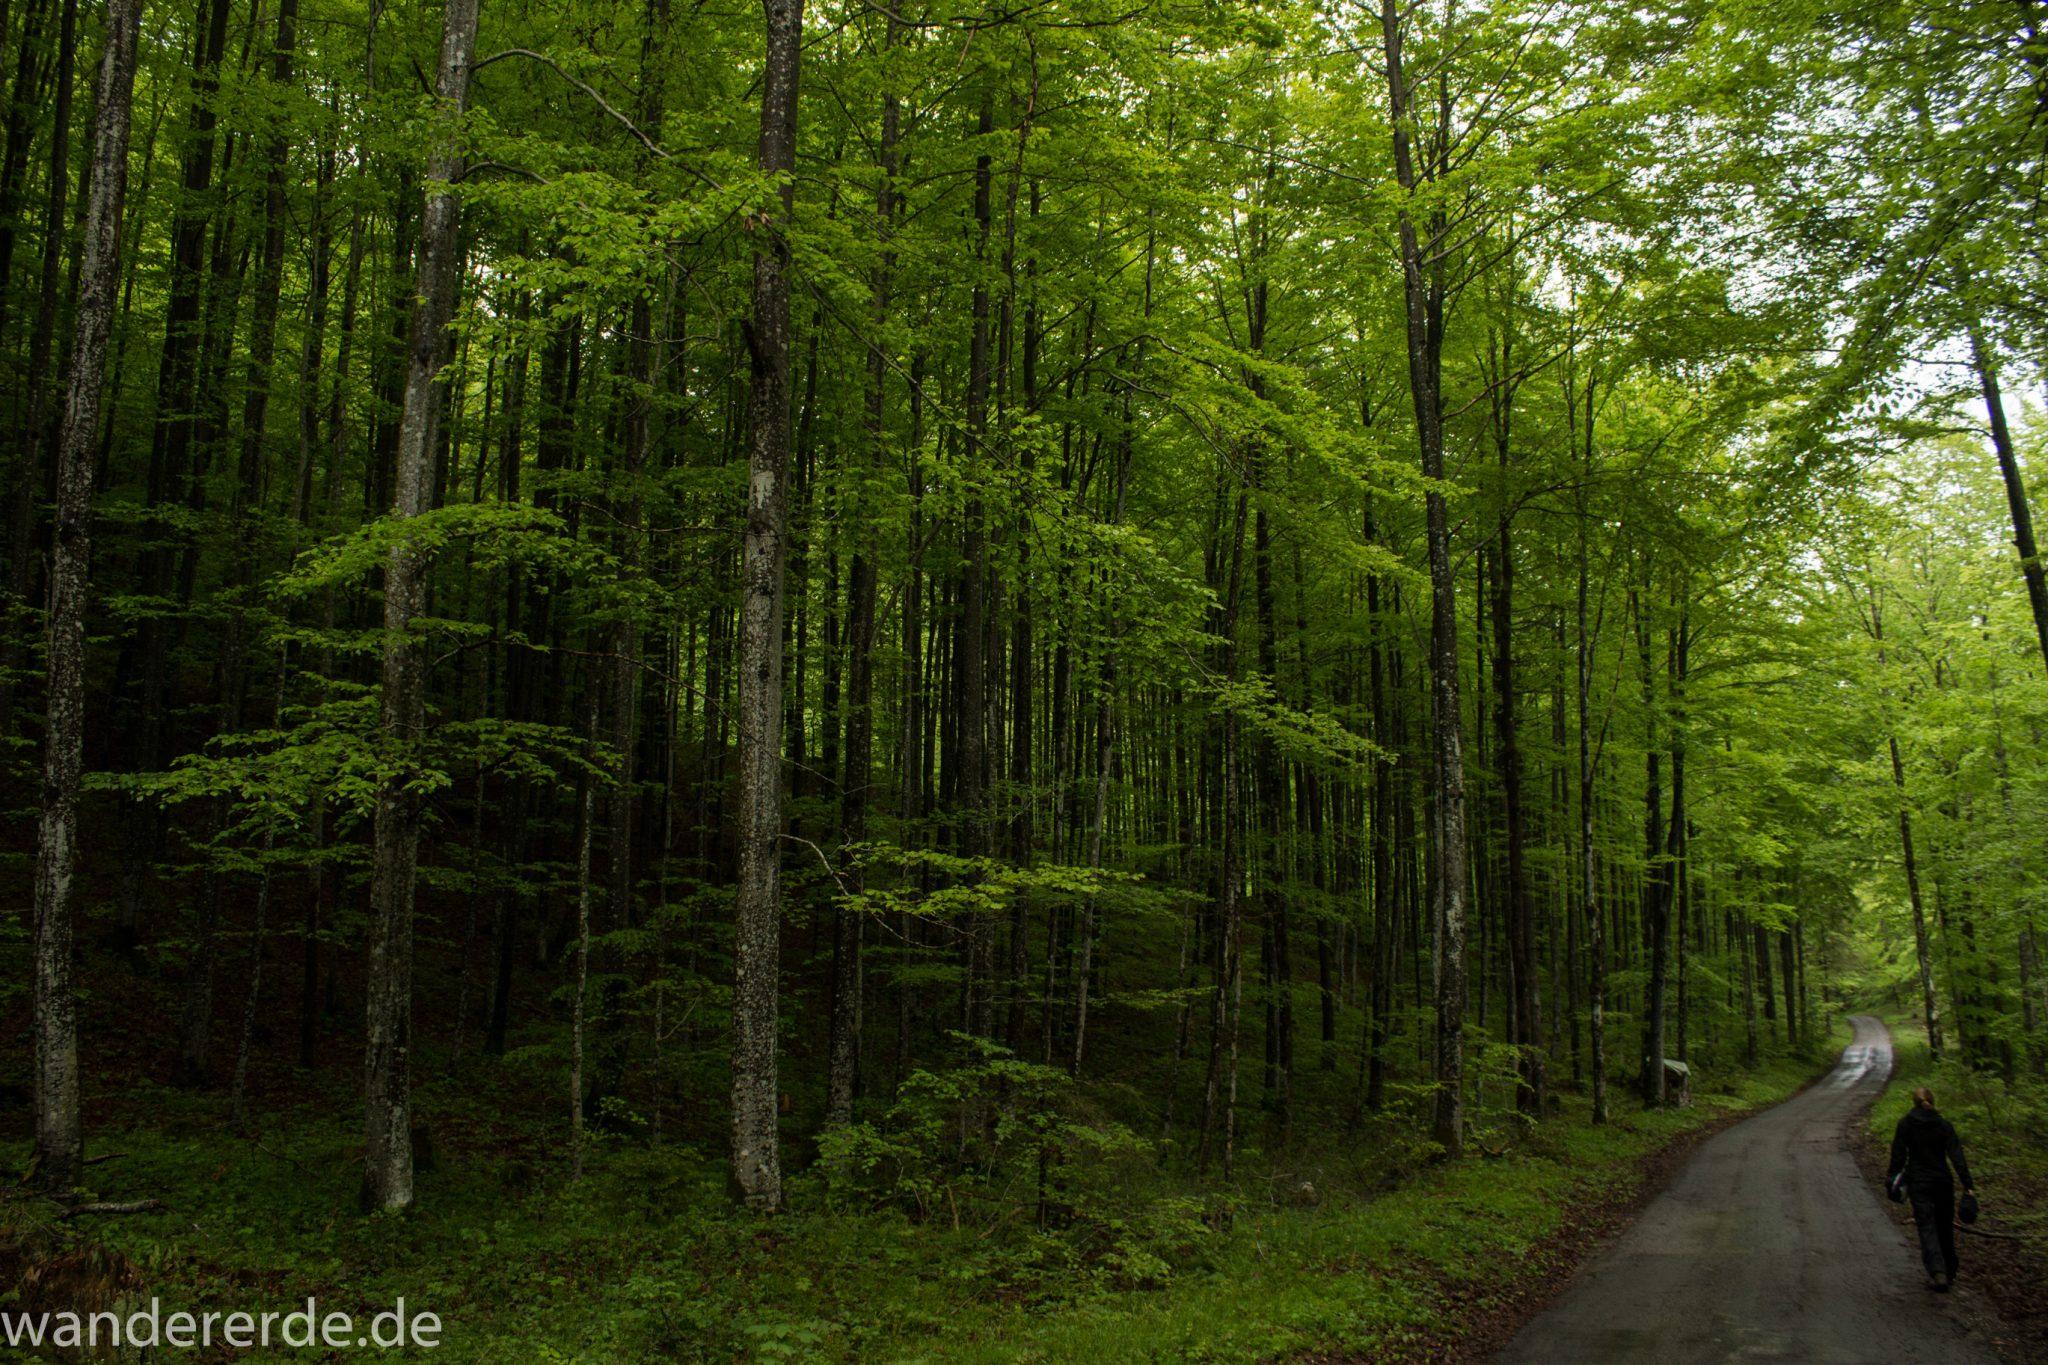 Wanderung beim Alpsee bei Hohenschwangau, Rundwanderweg führt entlang der Fürstenstraße, durch Laubwald und Nadelwald, Frühling in Bayern